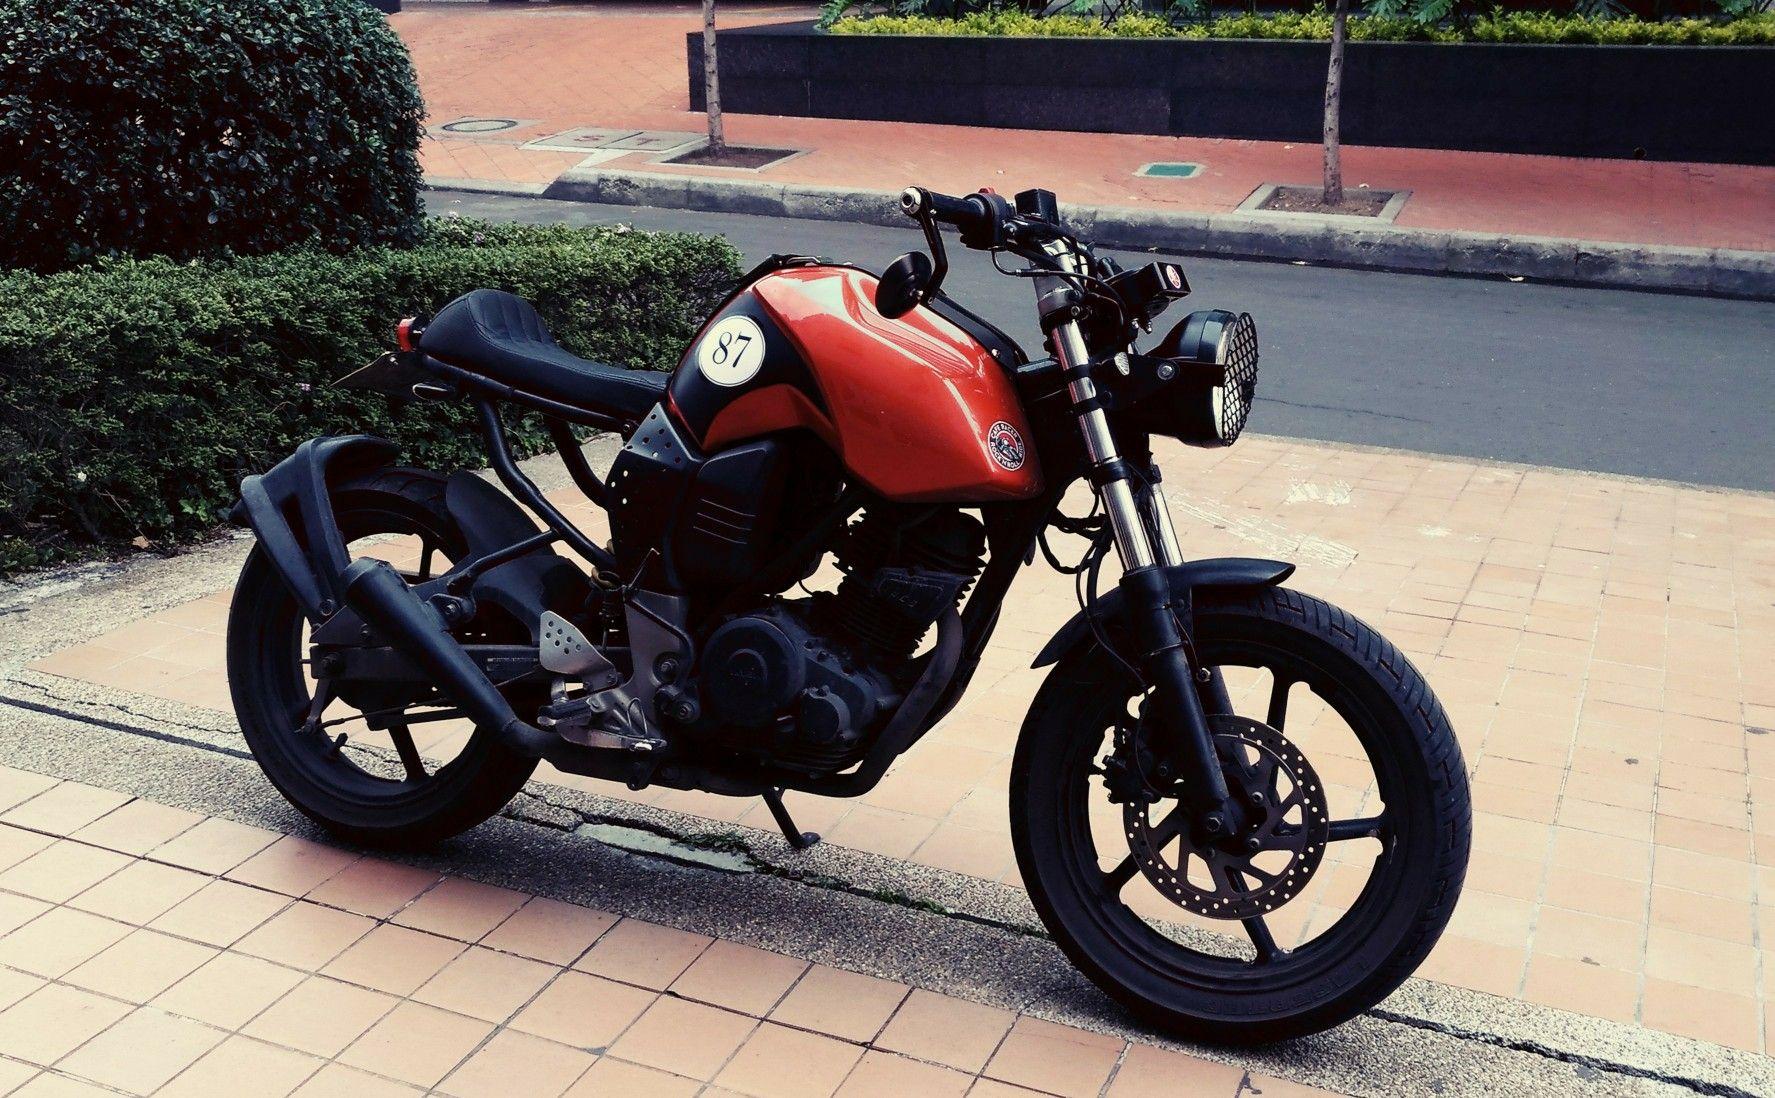 Yamaha Fz 16 Cafe Racer Modificada Por Hector Manrique Cafe